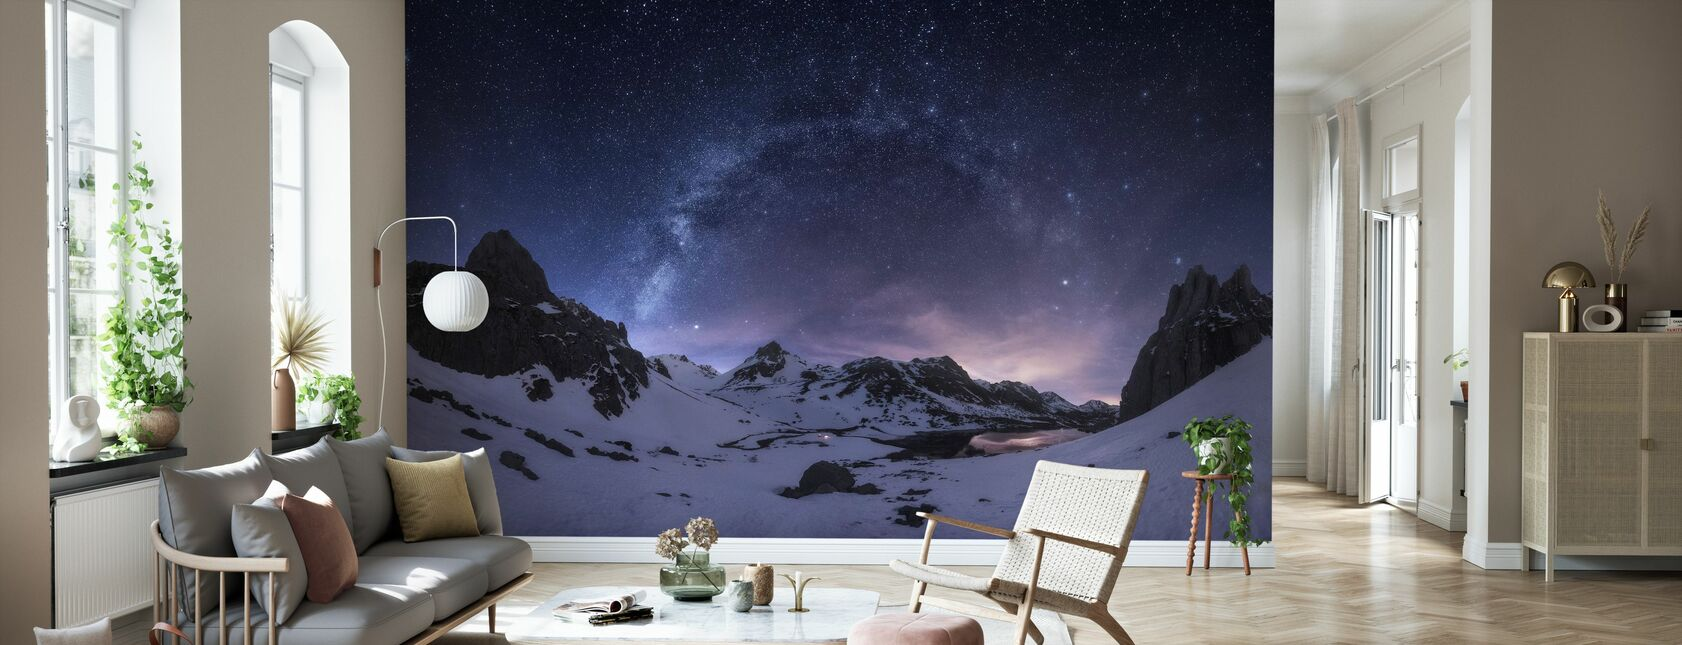 Nightsky Stars - Wallpaper - Living Room